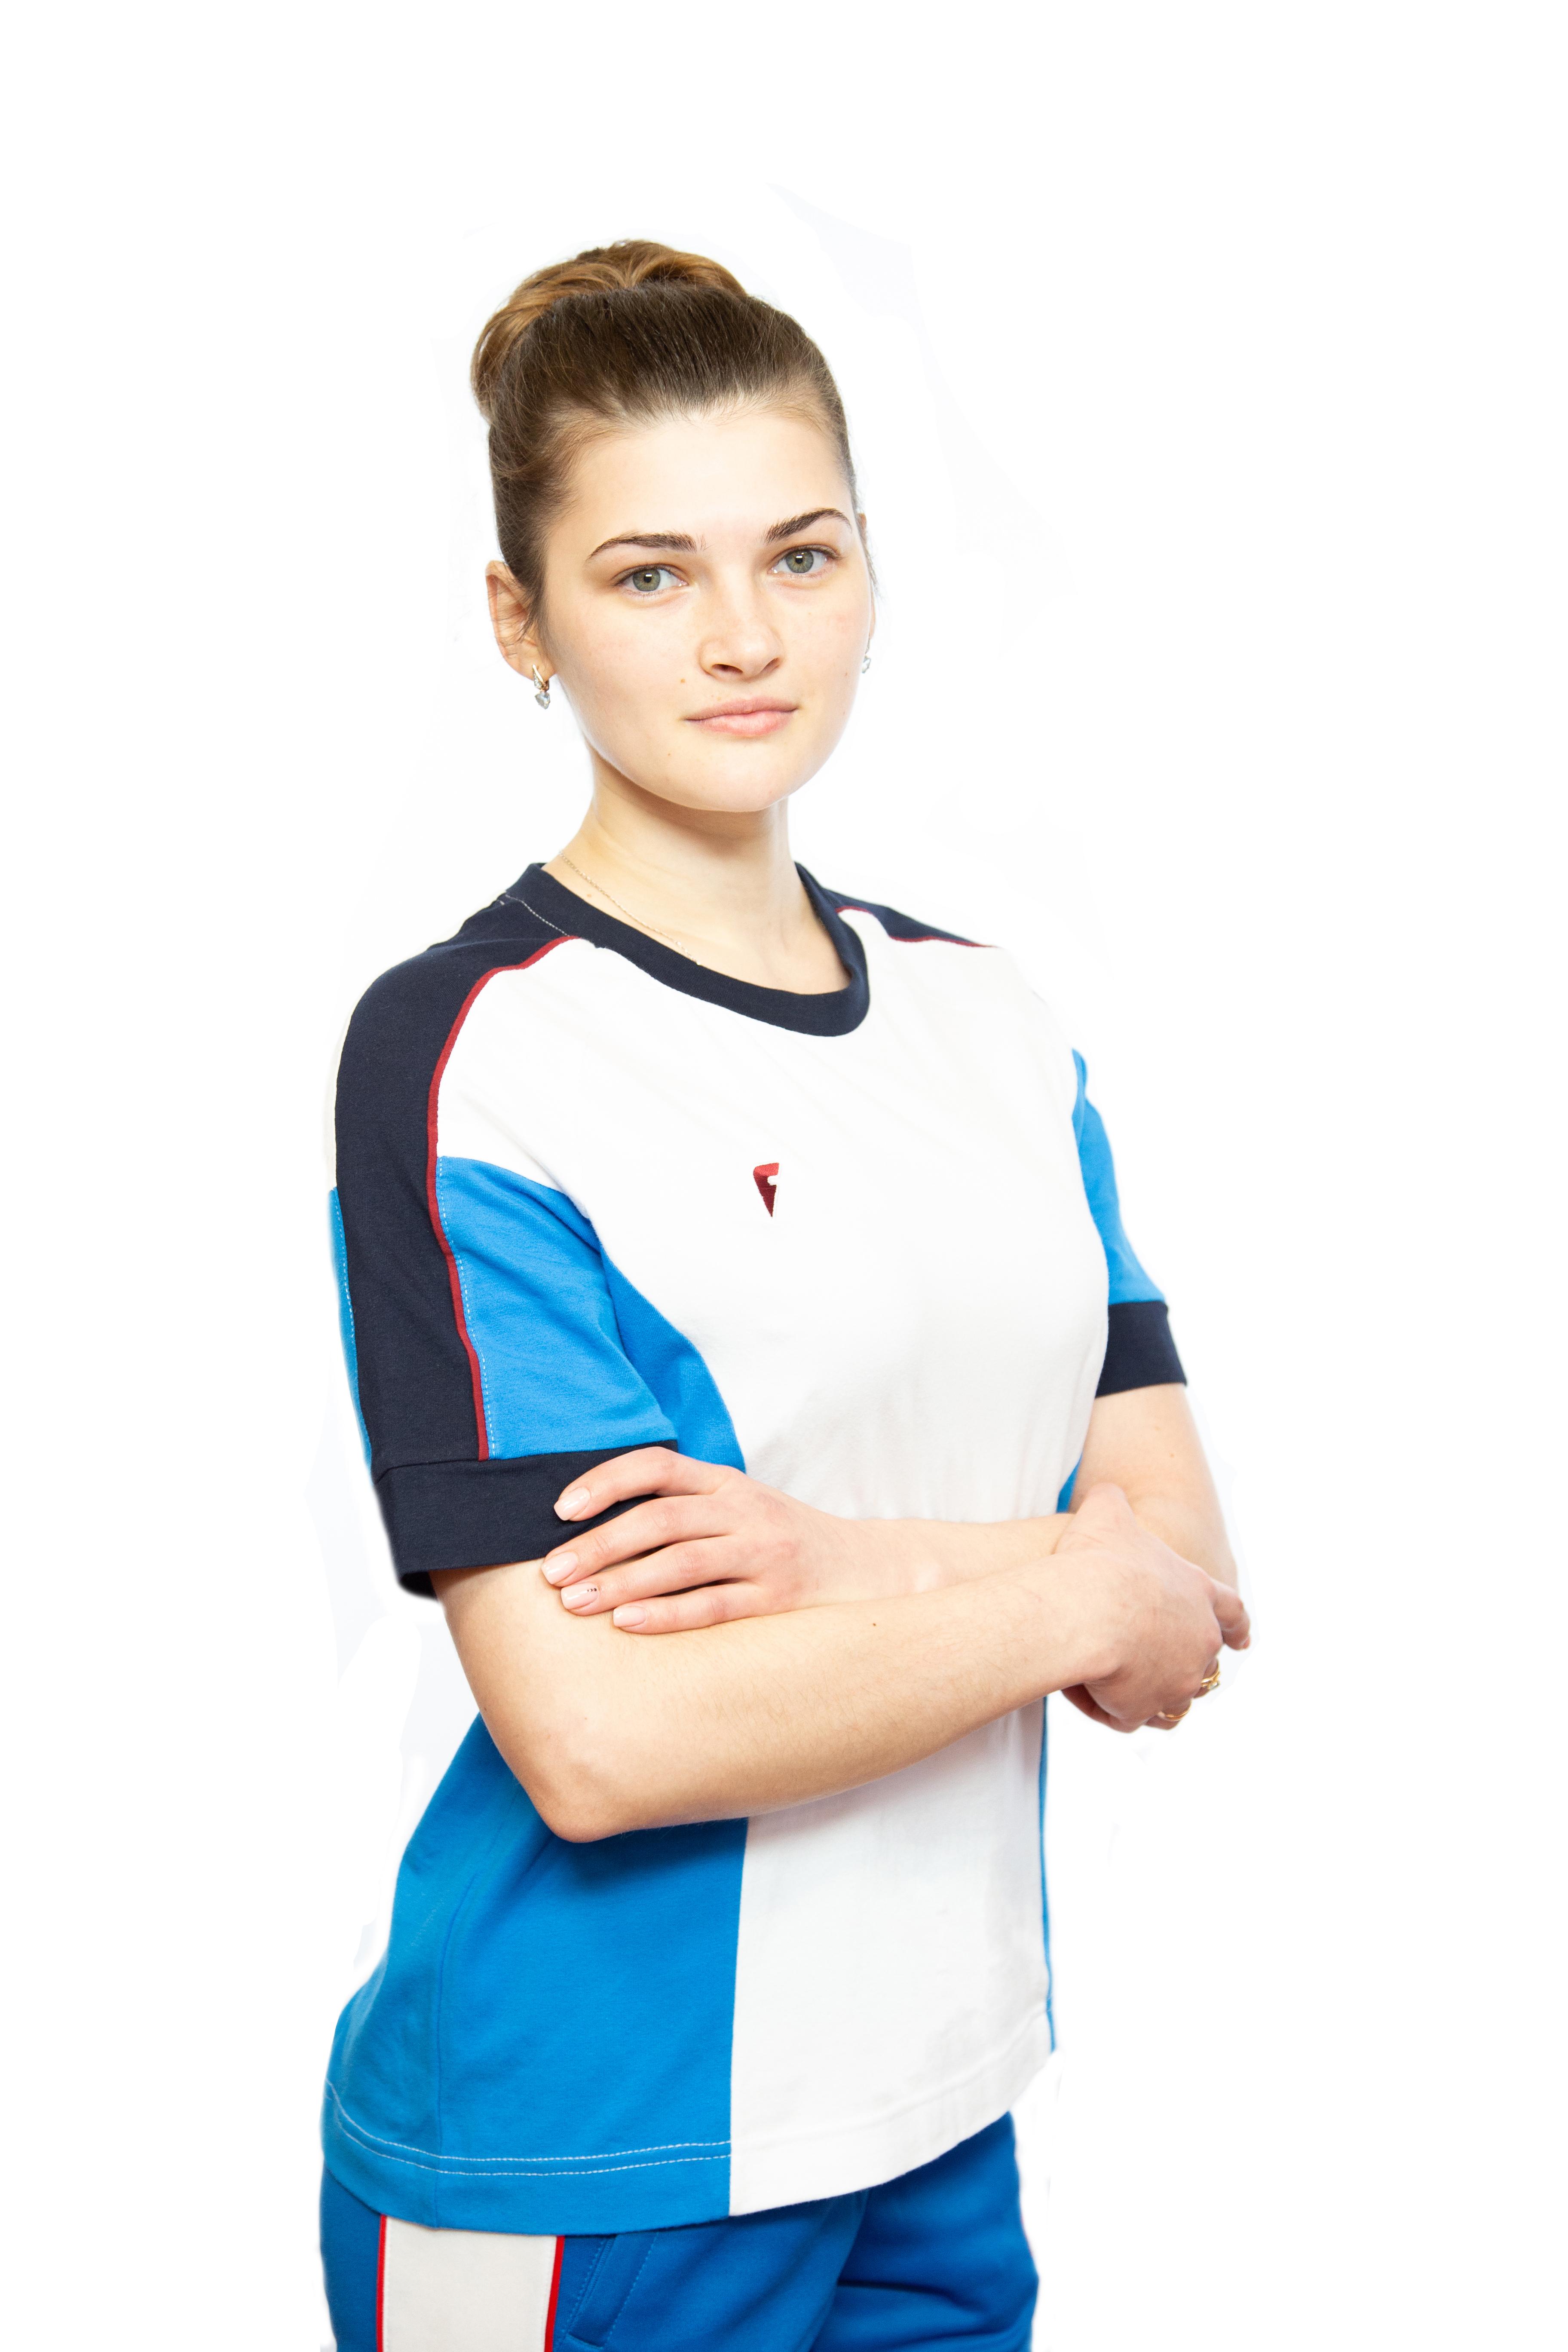 Храпкова Юлия Сергеевна-4479